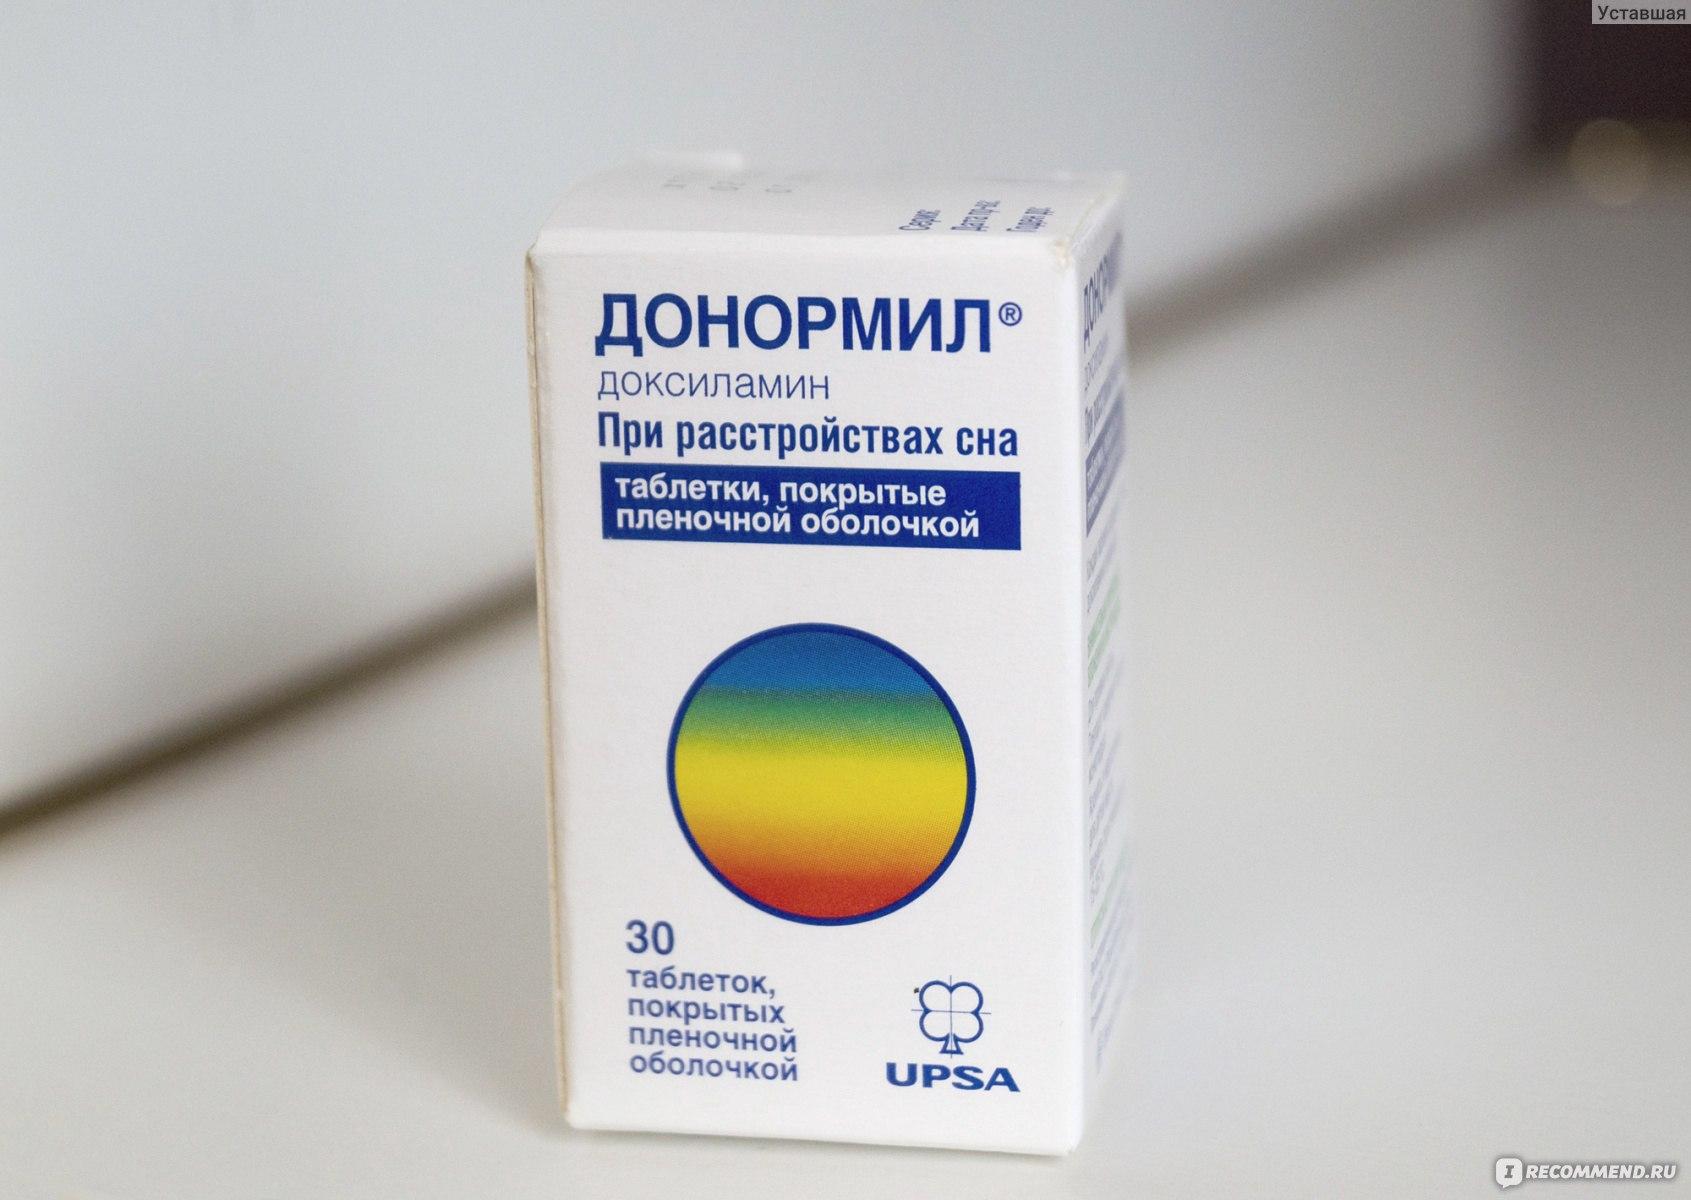 Успокоительные средства для детей 1, 2, 3, 4, 5, 6, 7 лет: какие препараты можно давать ребенку